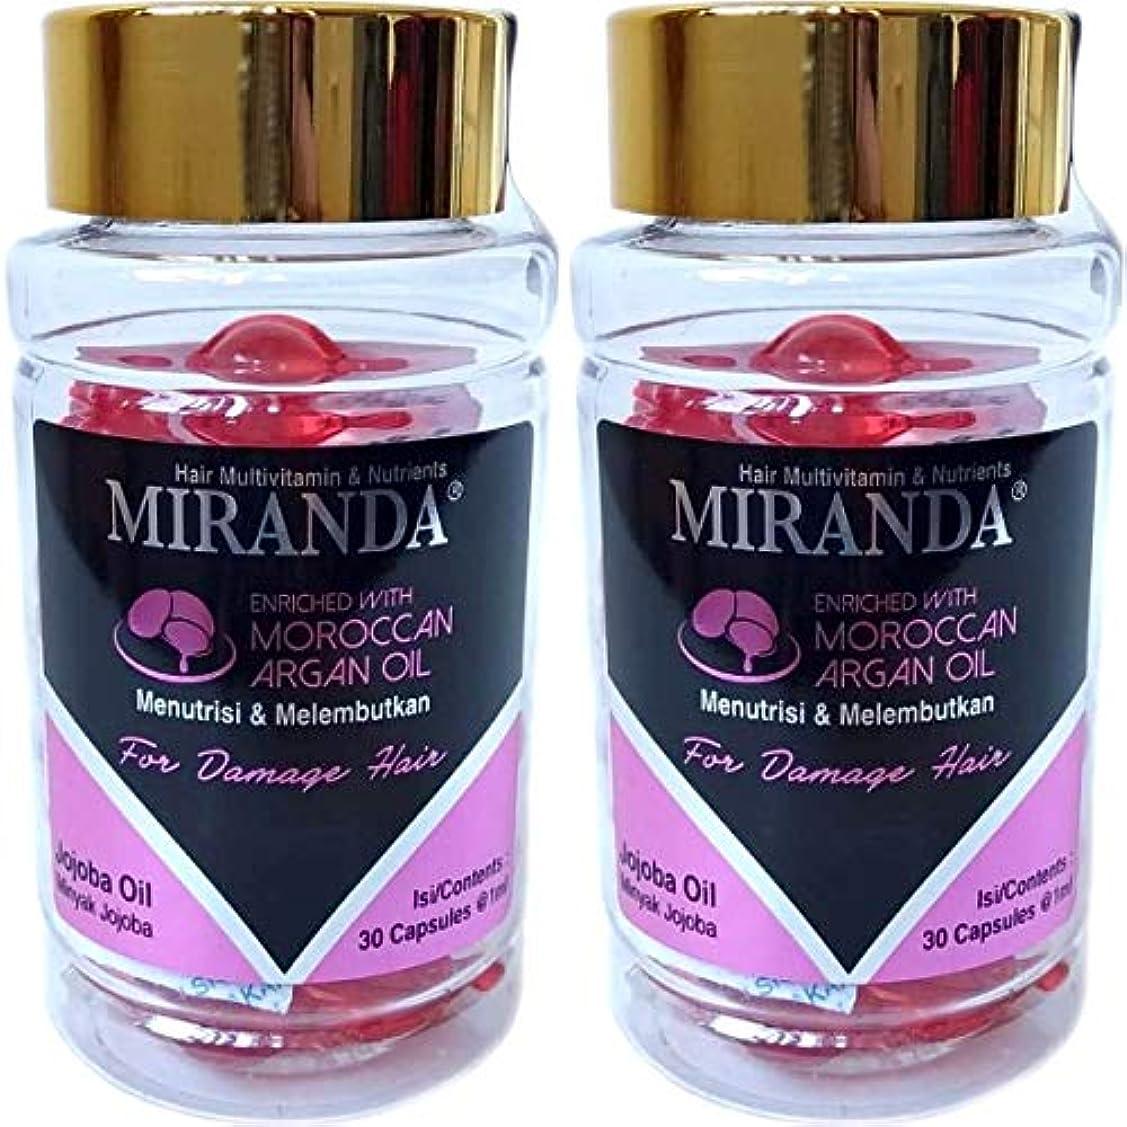 グリーンランドテーブルを設定する酸素MIRANDA ミランダ Hair Multivitamin&Nutrients ヘアマルチビタミン ニュートリエンツ 洗い流さないヘアトリートメント 30粒入ボトル×2個セット Jojoba oil ホホバオイル [海外直送品]